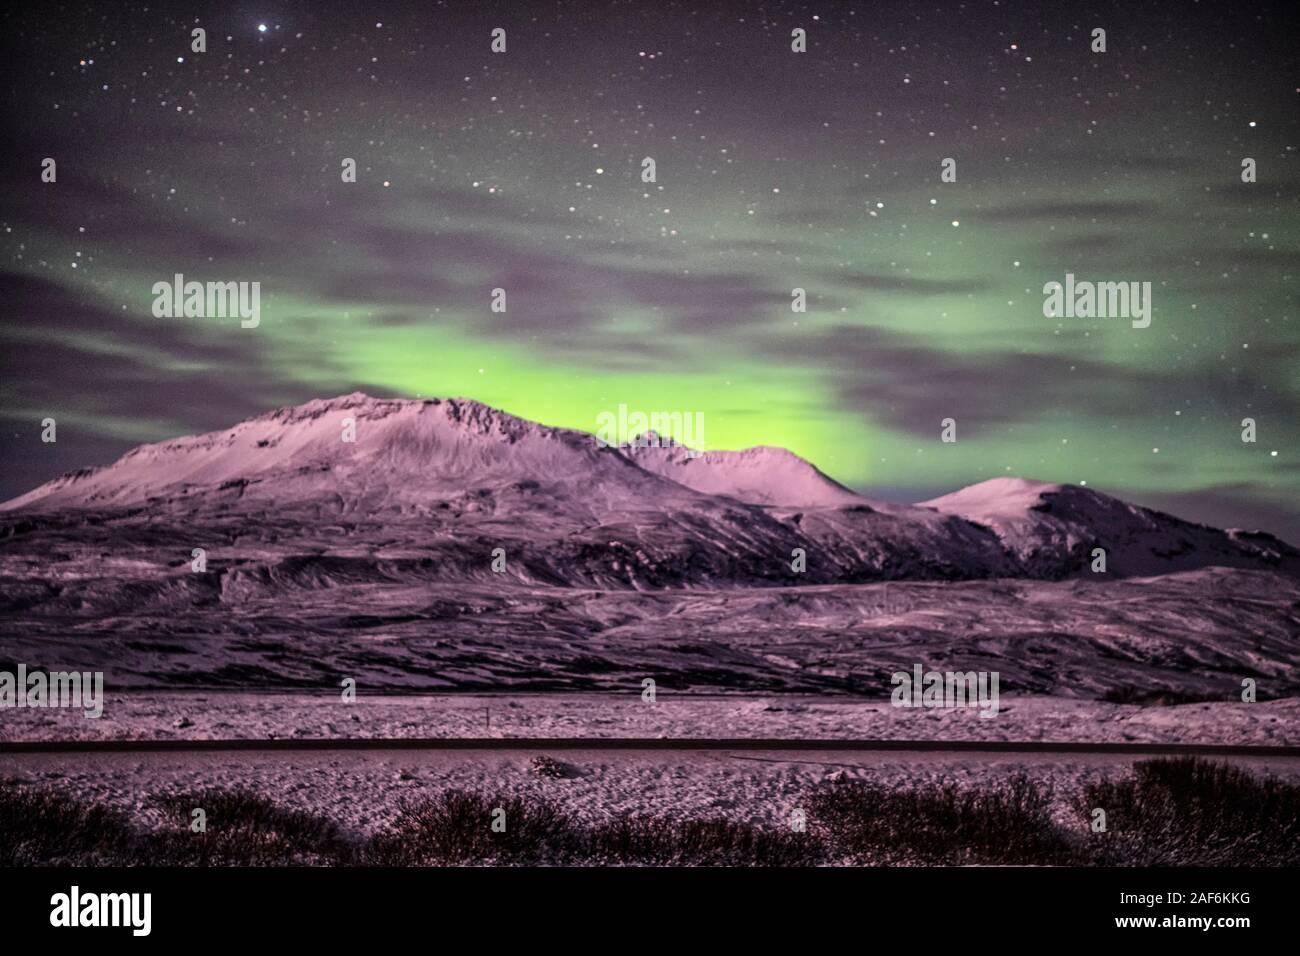 Des lumières du Nord au-dessus de la montagne à Reykjavik en Islande, Aurora Polaris, également connu sous le nom de Northern Lights Aurora Borealis, Banque D'Images